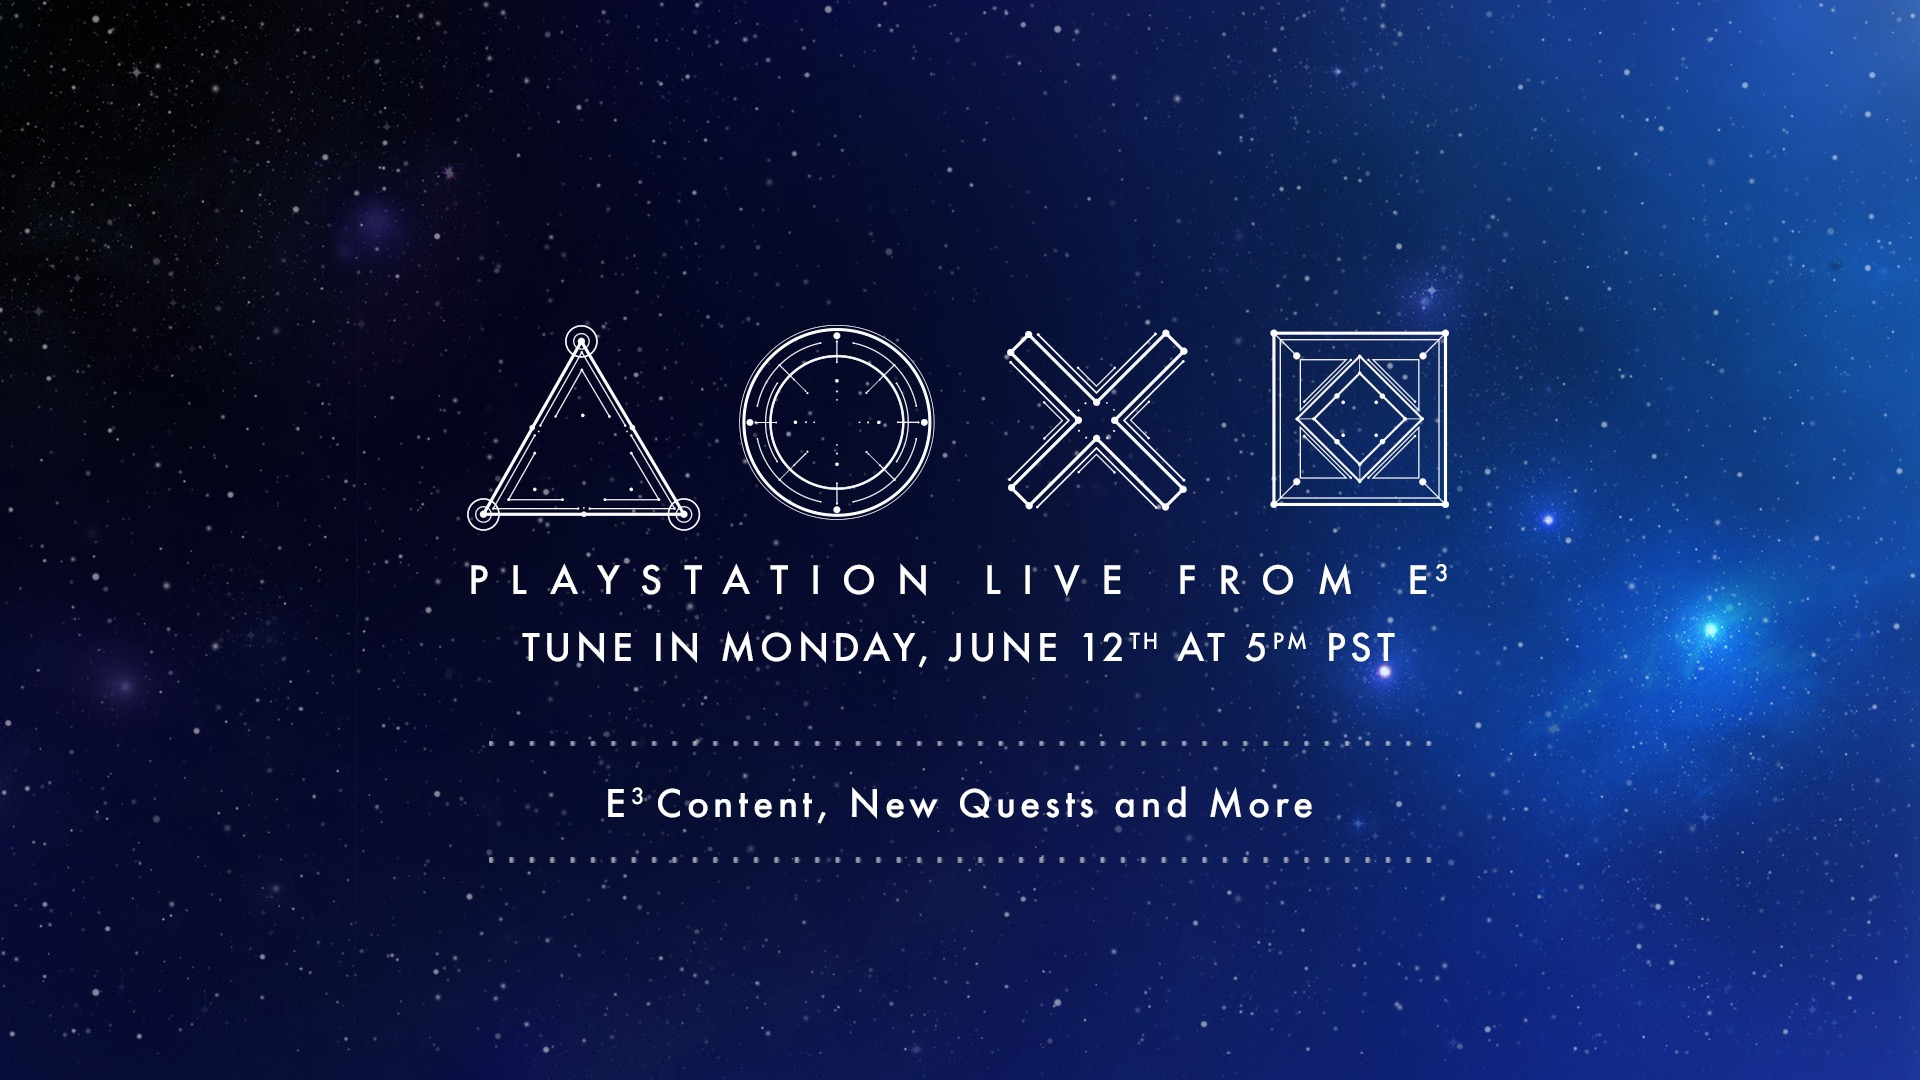 Conferencia de PlayStation - E3 2017